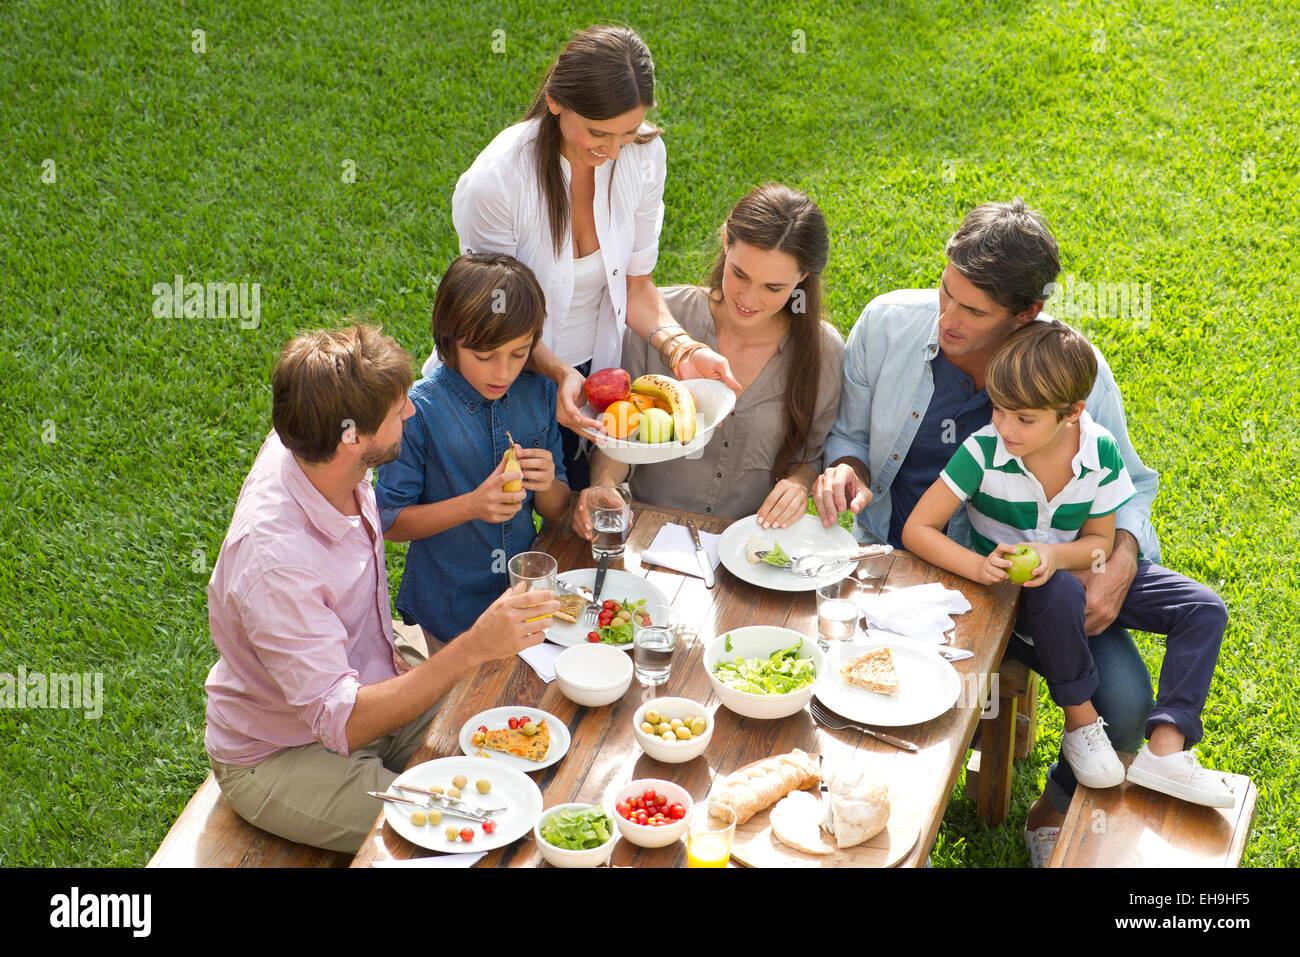 La familia y los amigos se reúnen para picnic Imagen De Stock